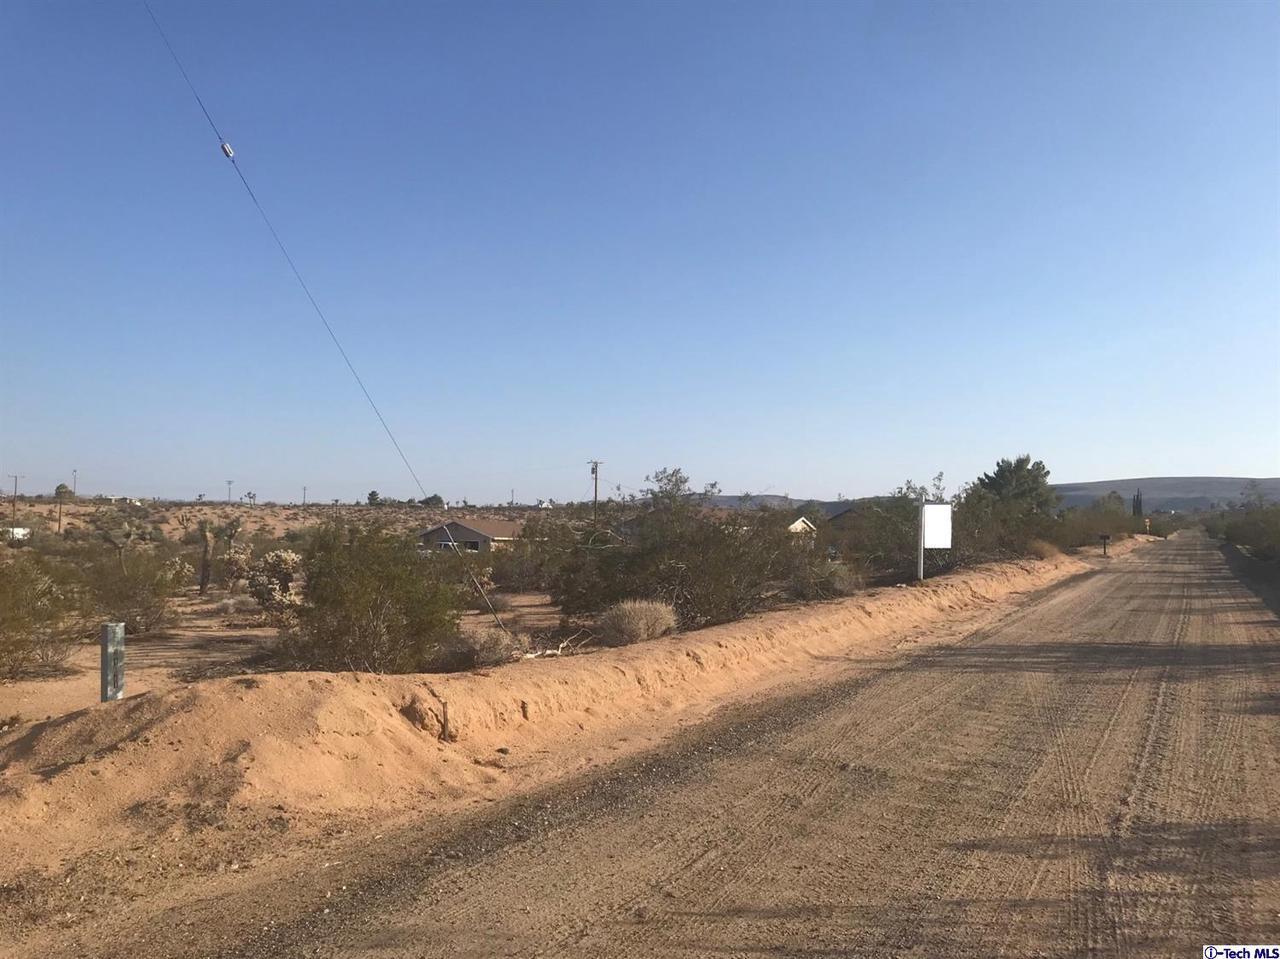 0 0, Yucca Valley, CA 92284